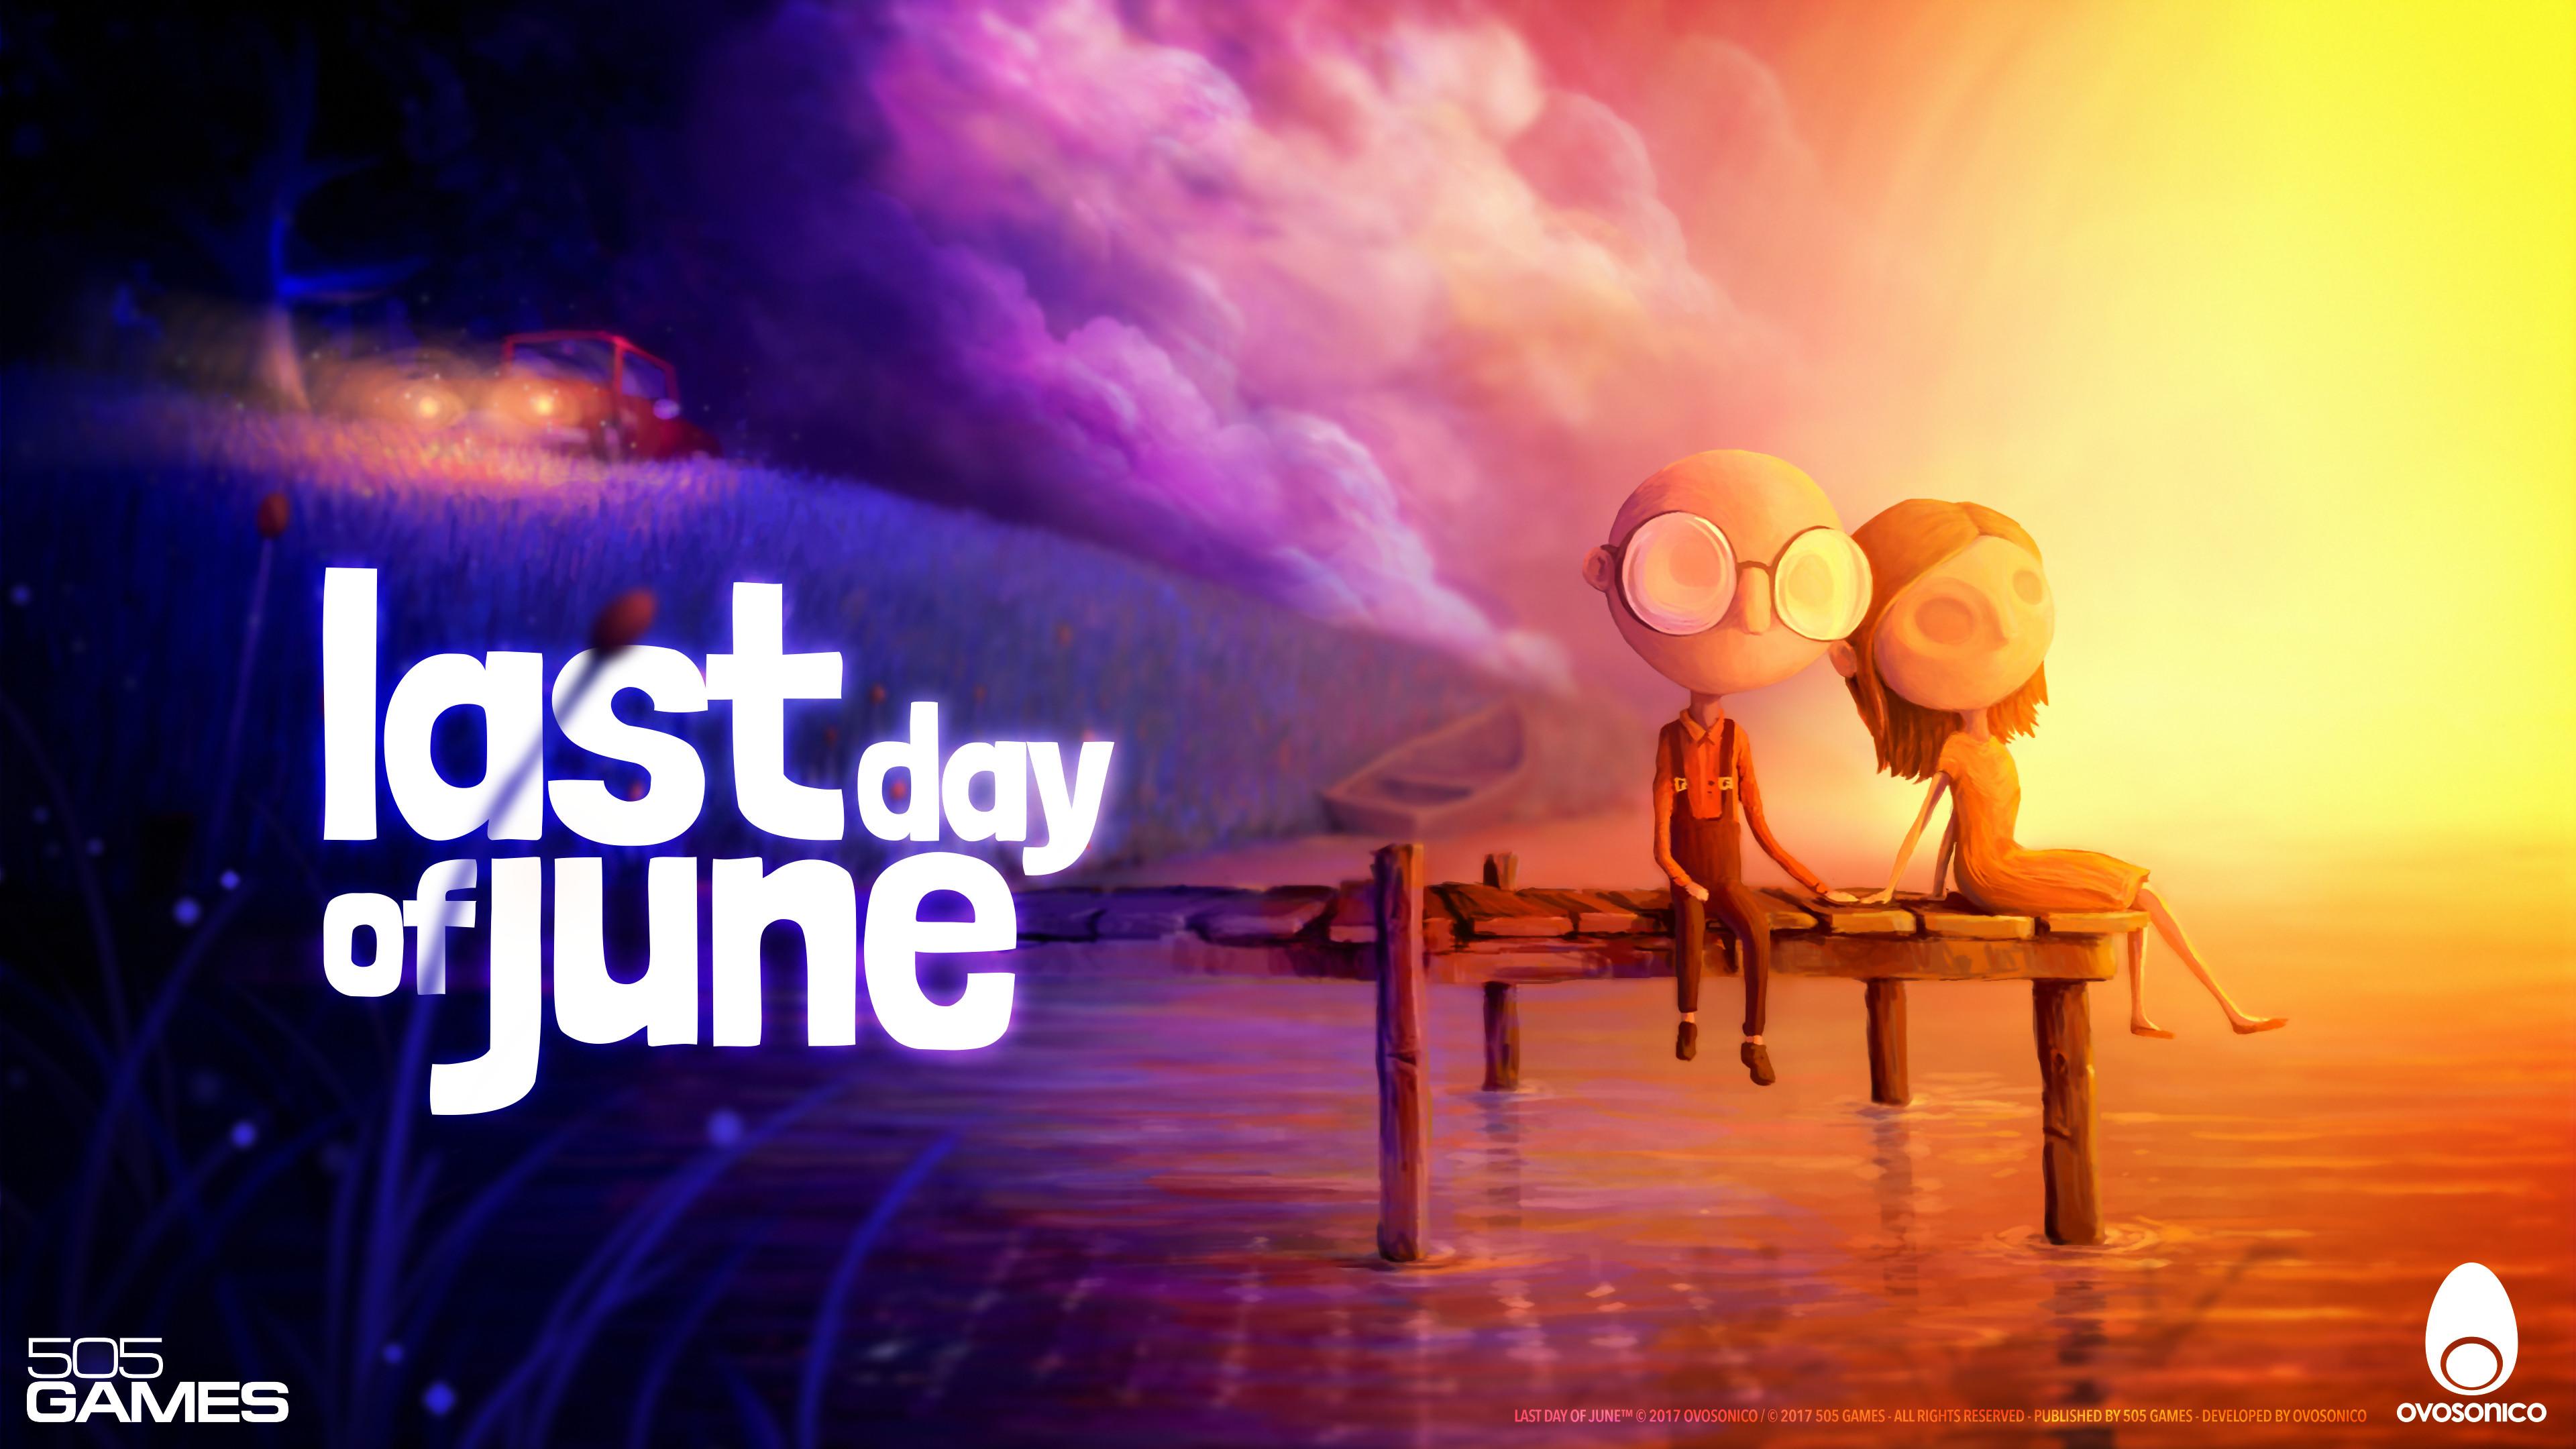 Последний день июня игра обои скачать